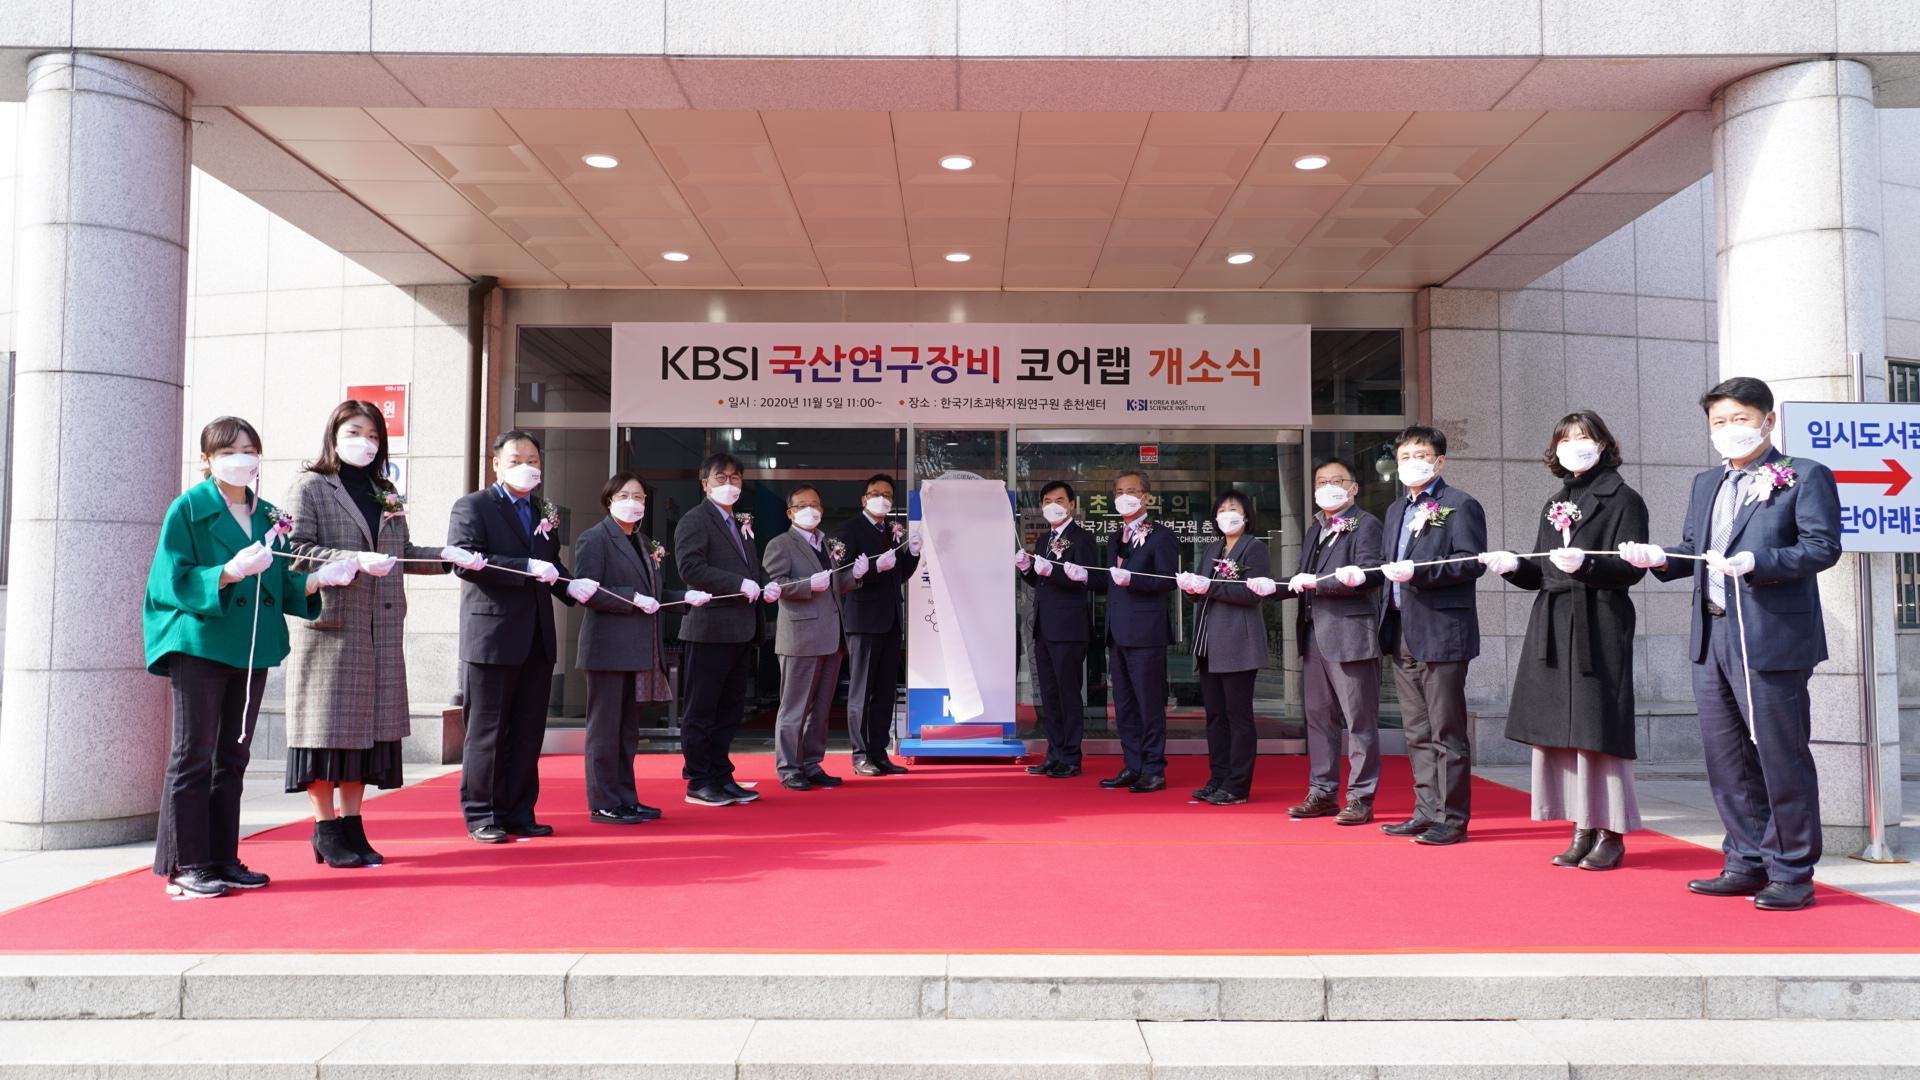 KBSI 국산연구장비 코어랩 개소식